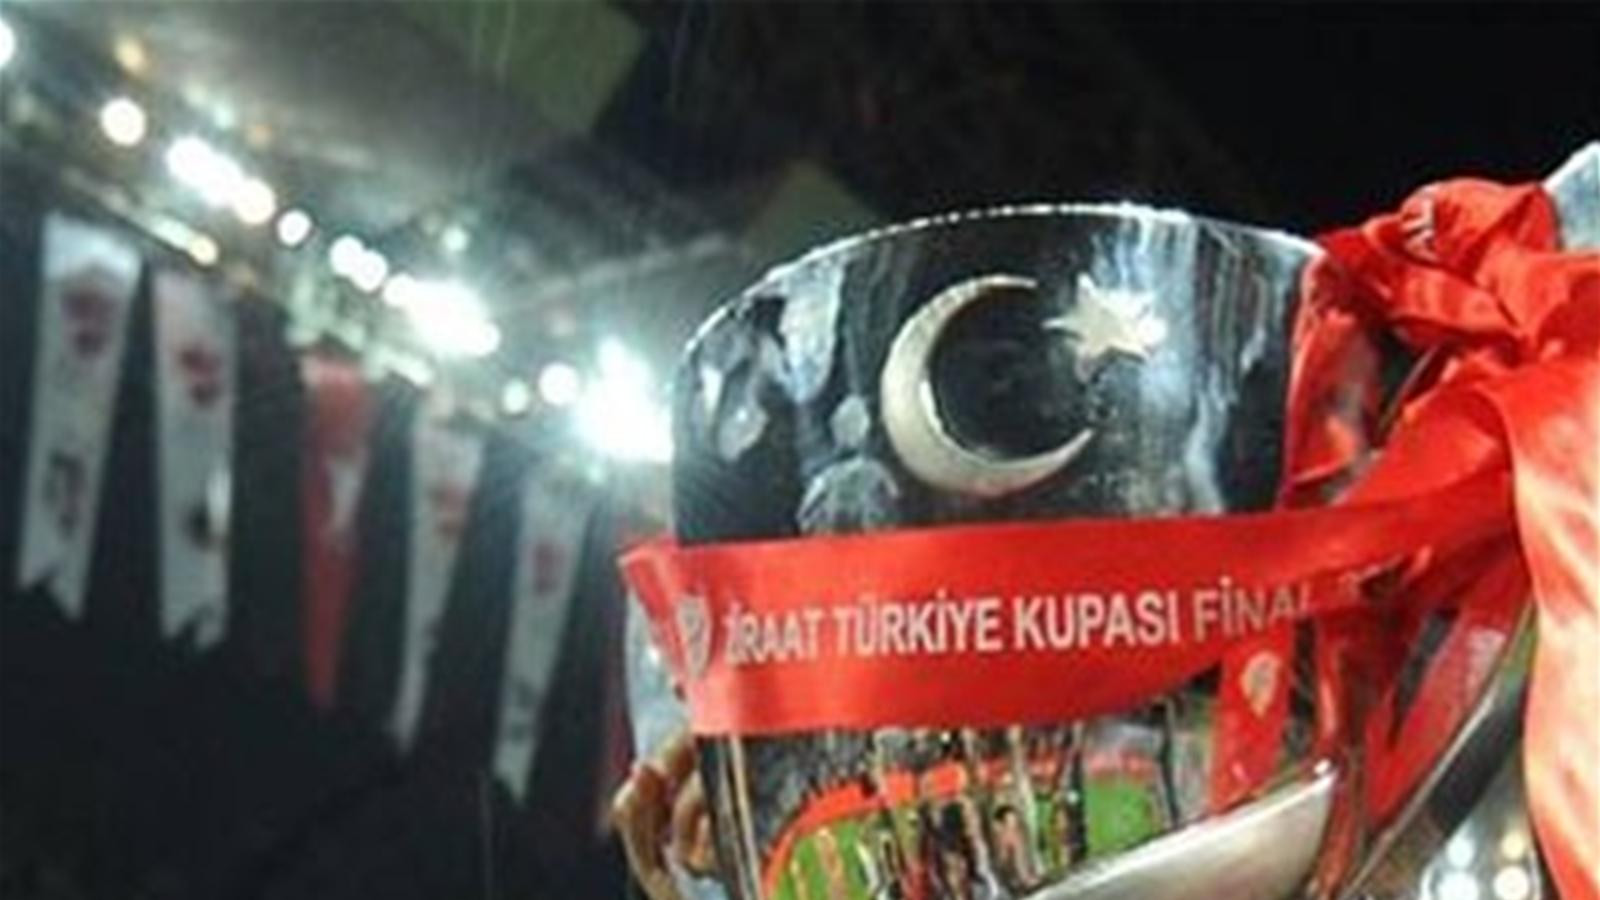 Fenerbahçe'nin rakibi Kayserispor oldu